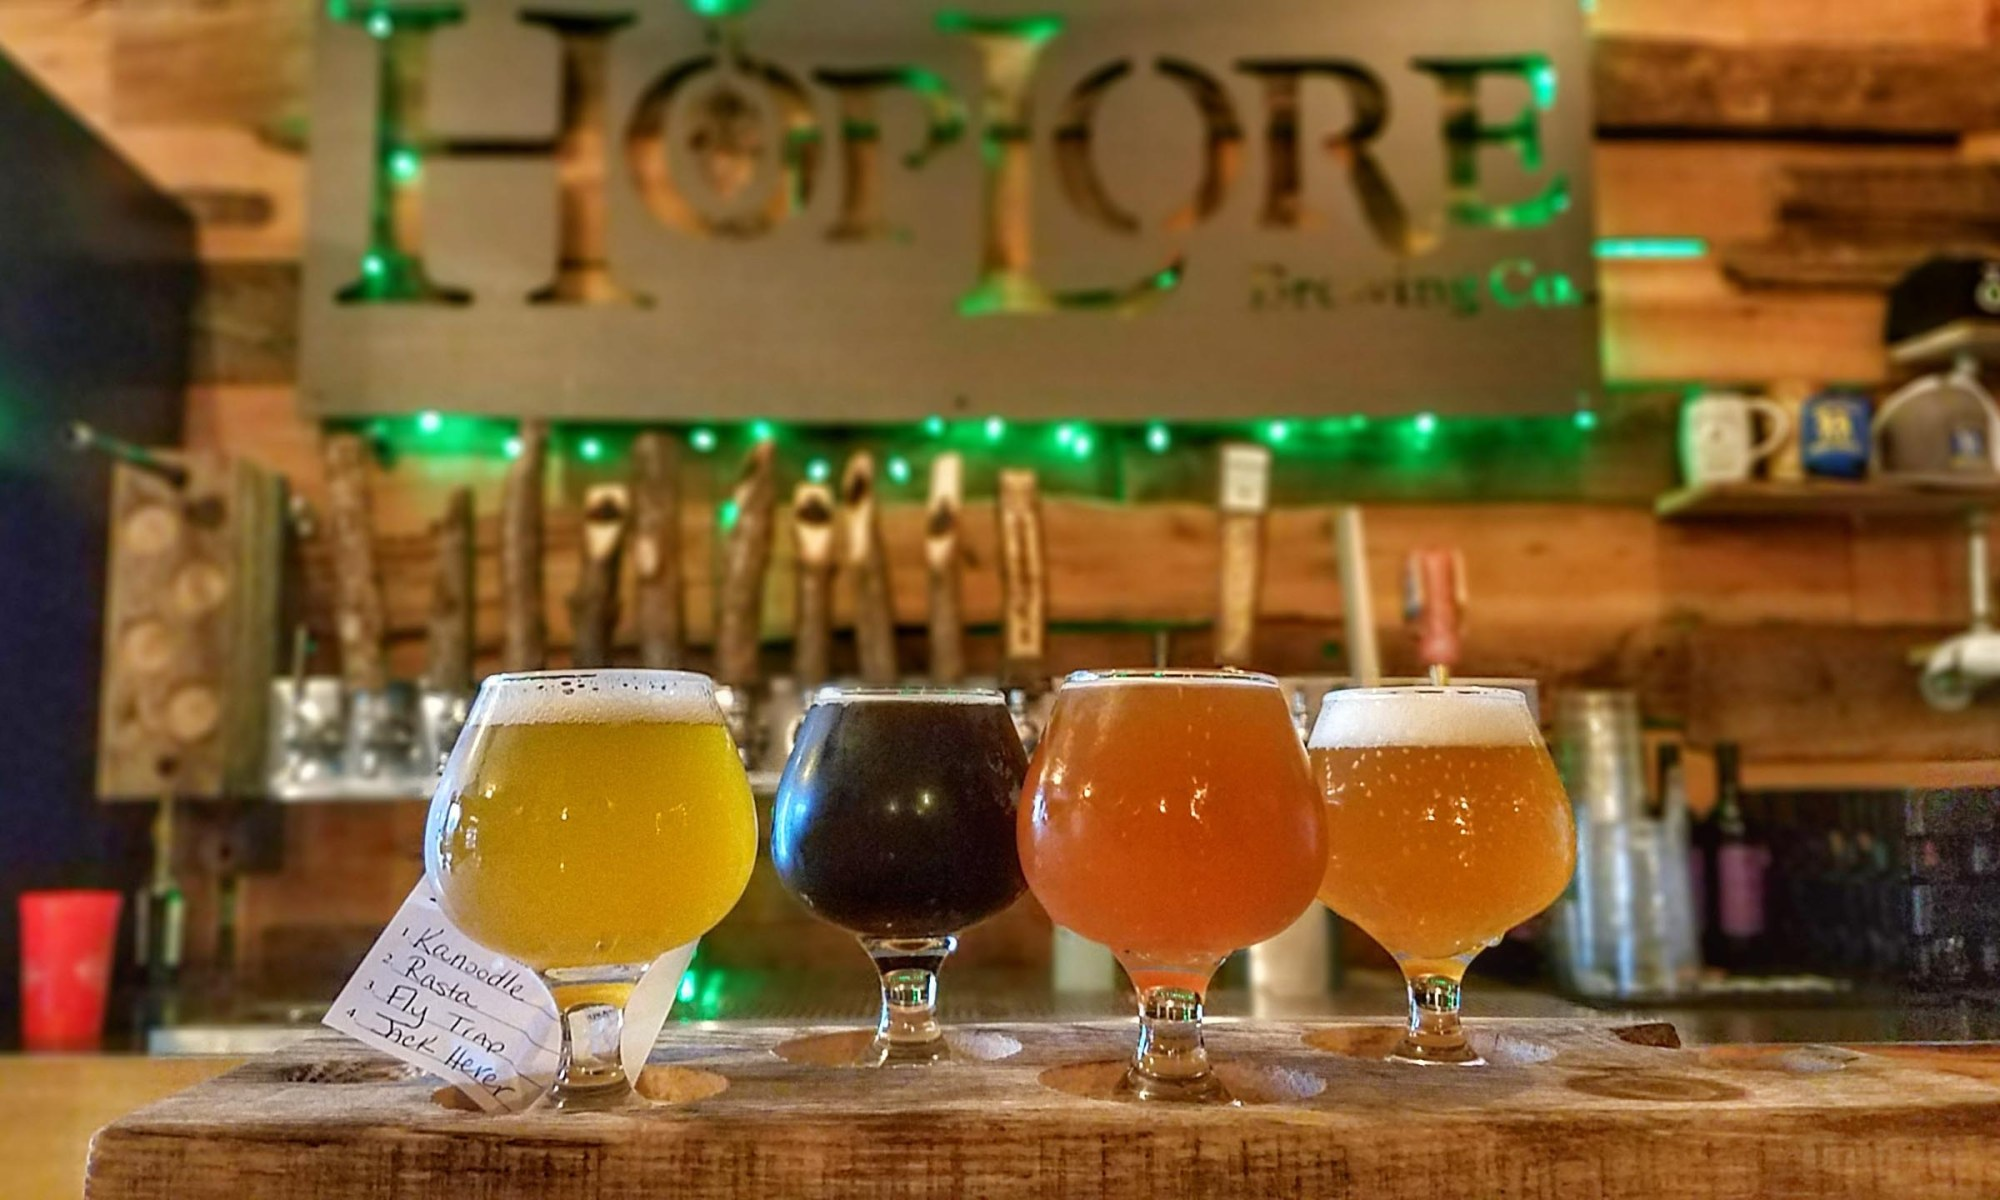 hoplore brewing, warsaw, leesburg, indiana, brewery, beer